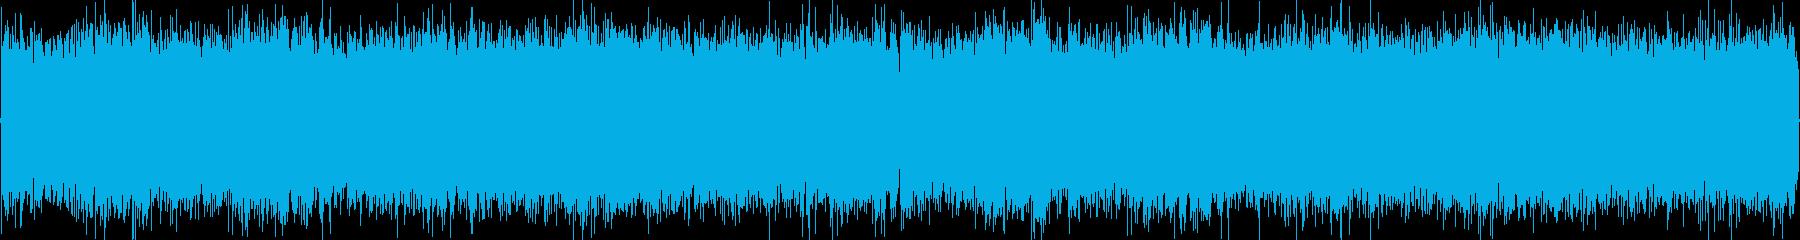 ロック_デジタル_切ない_3の再生済みの波形